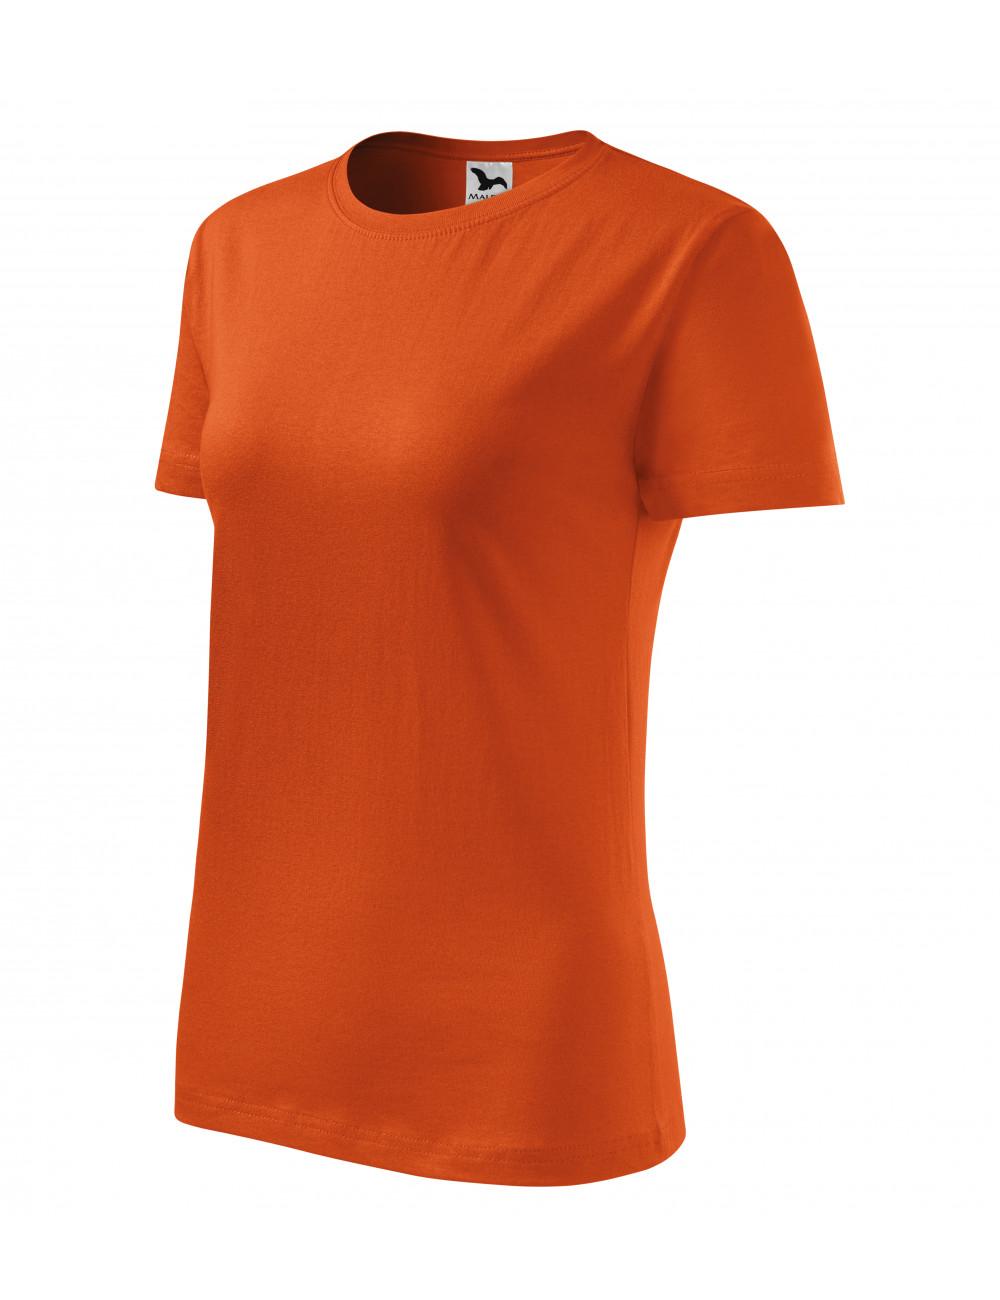 Adler MALFINI Koszulka damska Classic New 133 pomarańczowy